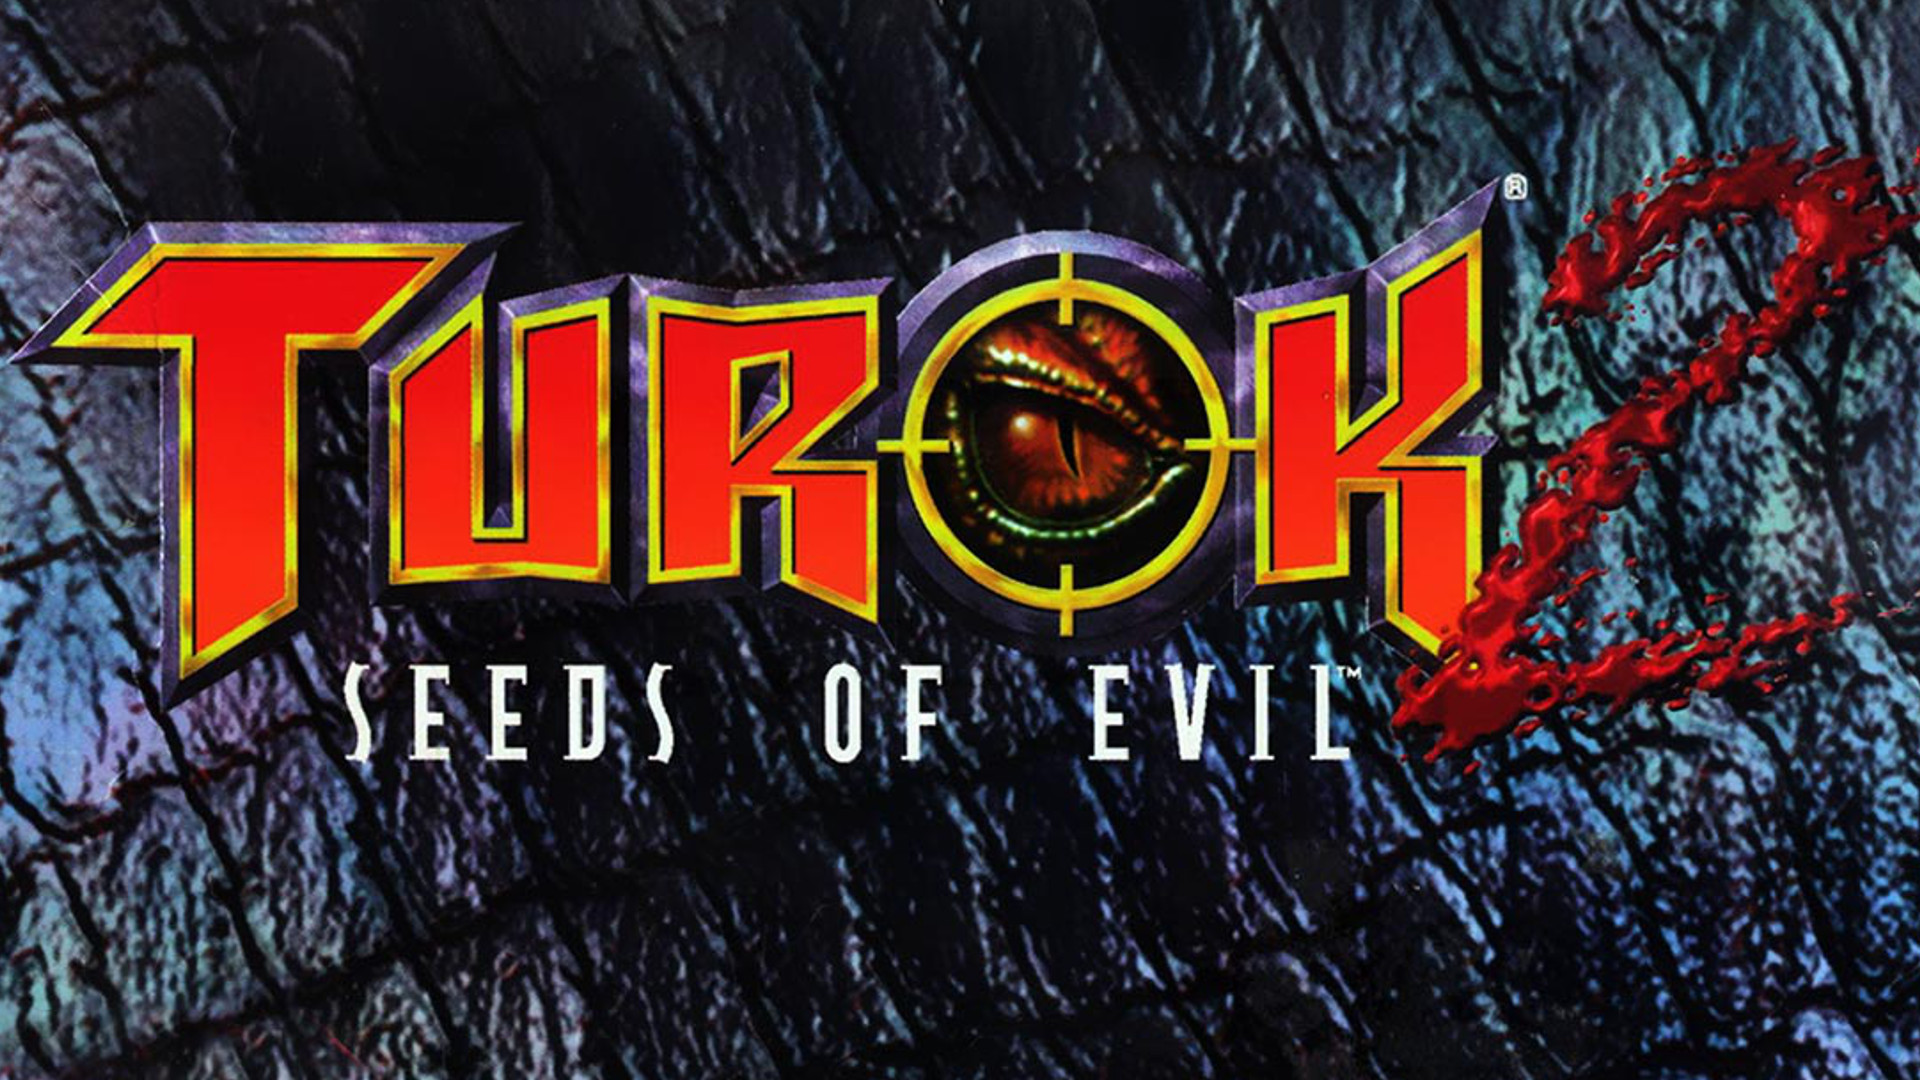 Turok 2: Seeds of Evil está vindo para o Nintendo Switch com edição física pela Limited Run Games, Turok original também ganhará edição física